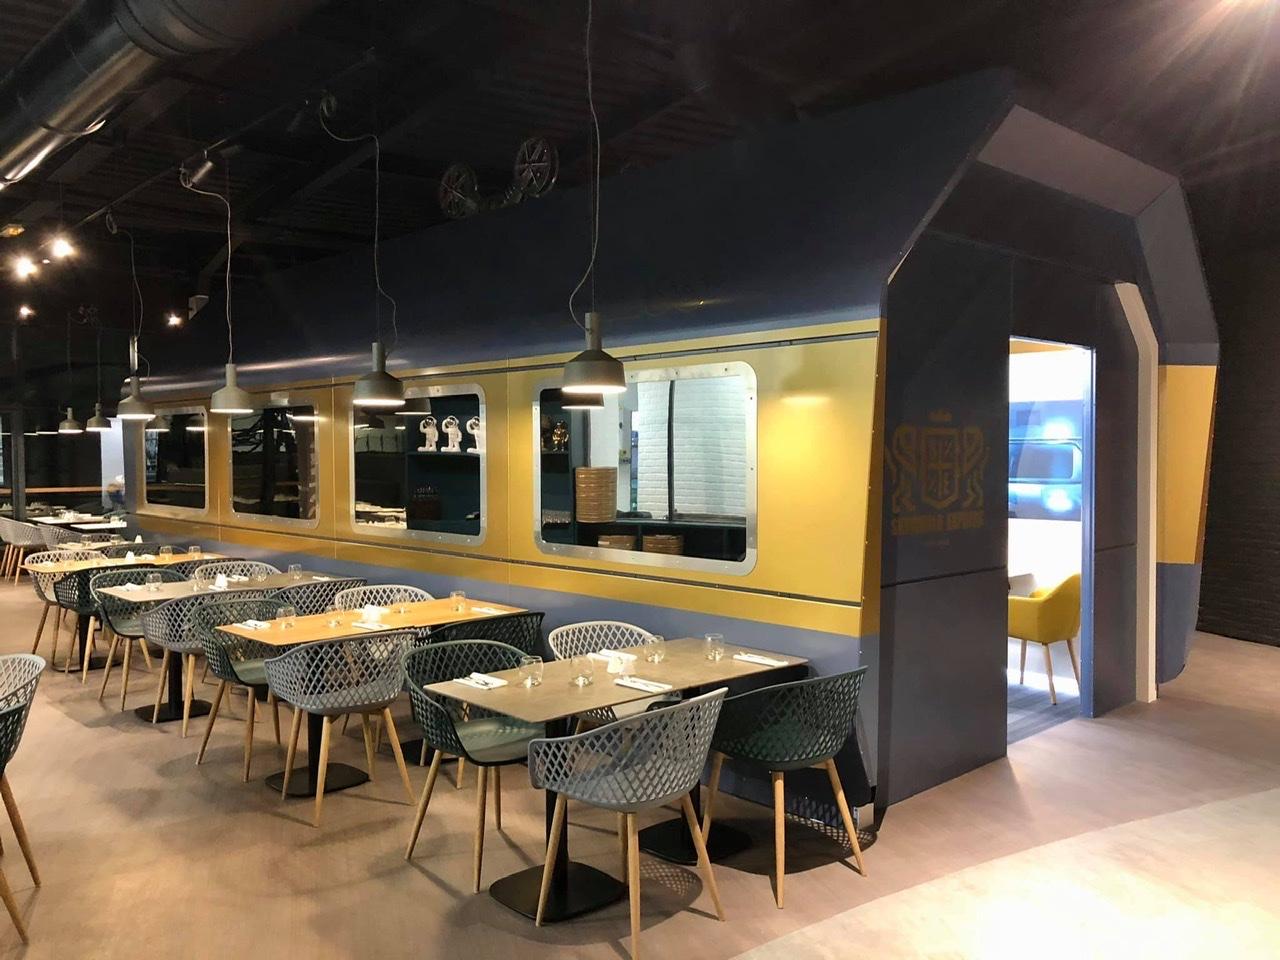 [Restaurant] L'Atelier des Saveurs · 2020 5-BE13-B2-A-D2-E3-438-F-839-E-892486137896